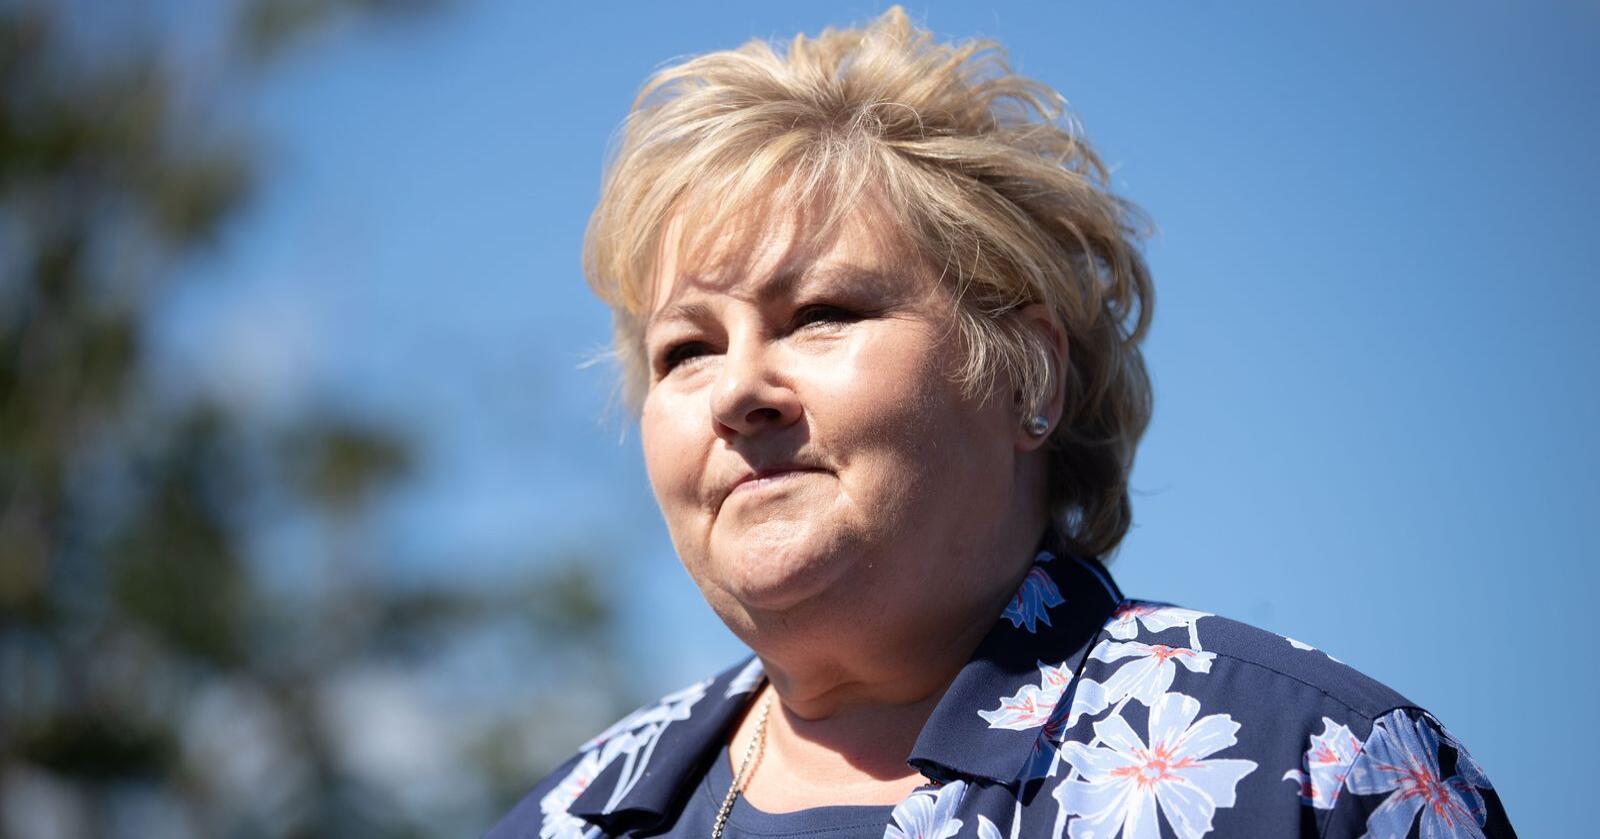 Statsminister Erna Solberg (H) tar et politisk oppgjør med MDG. Foto: Hanna Johre / NTB